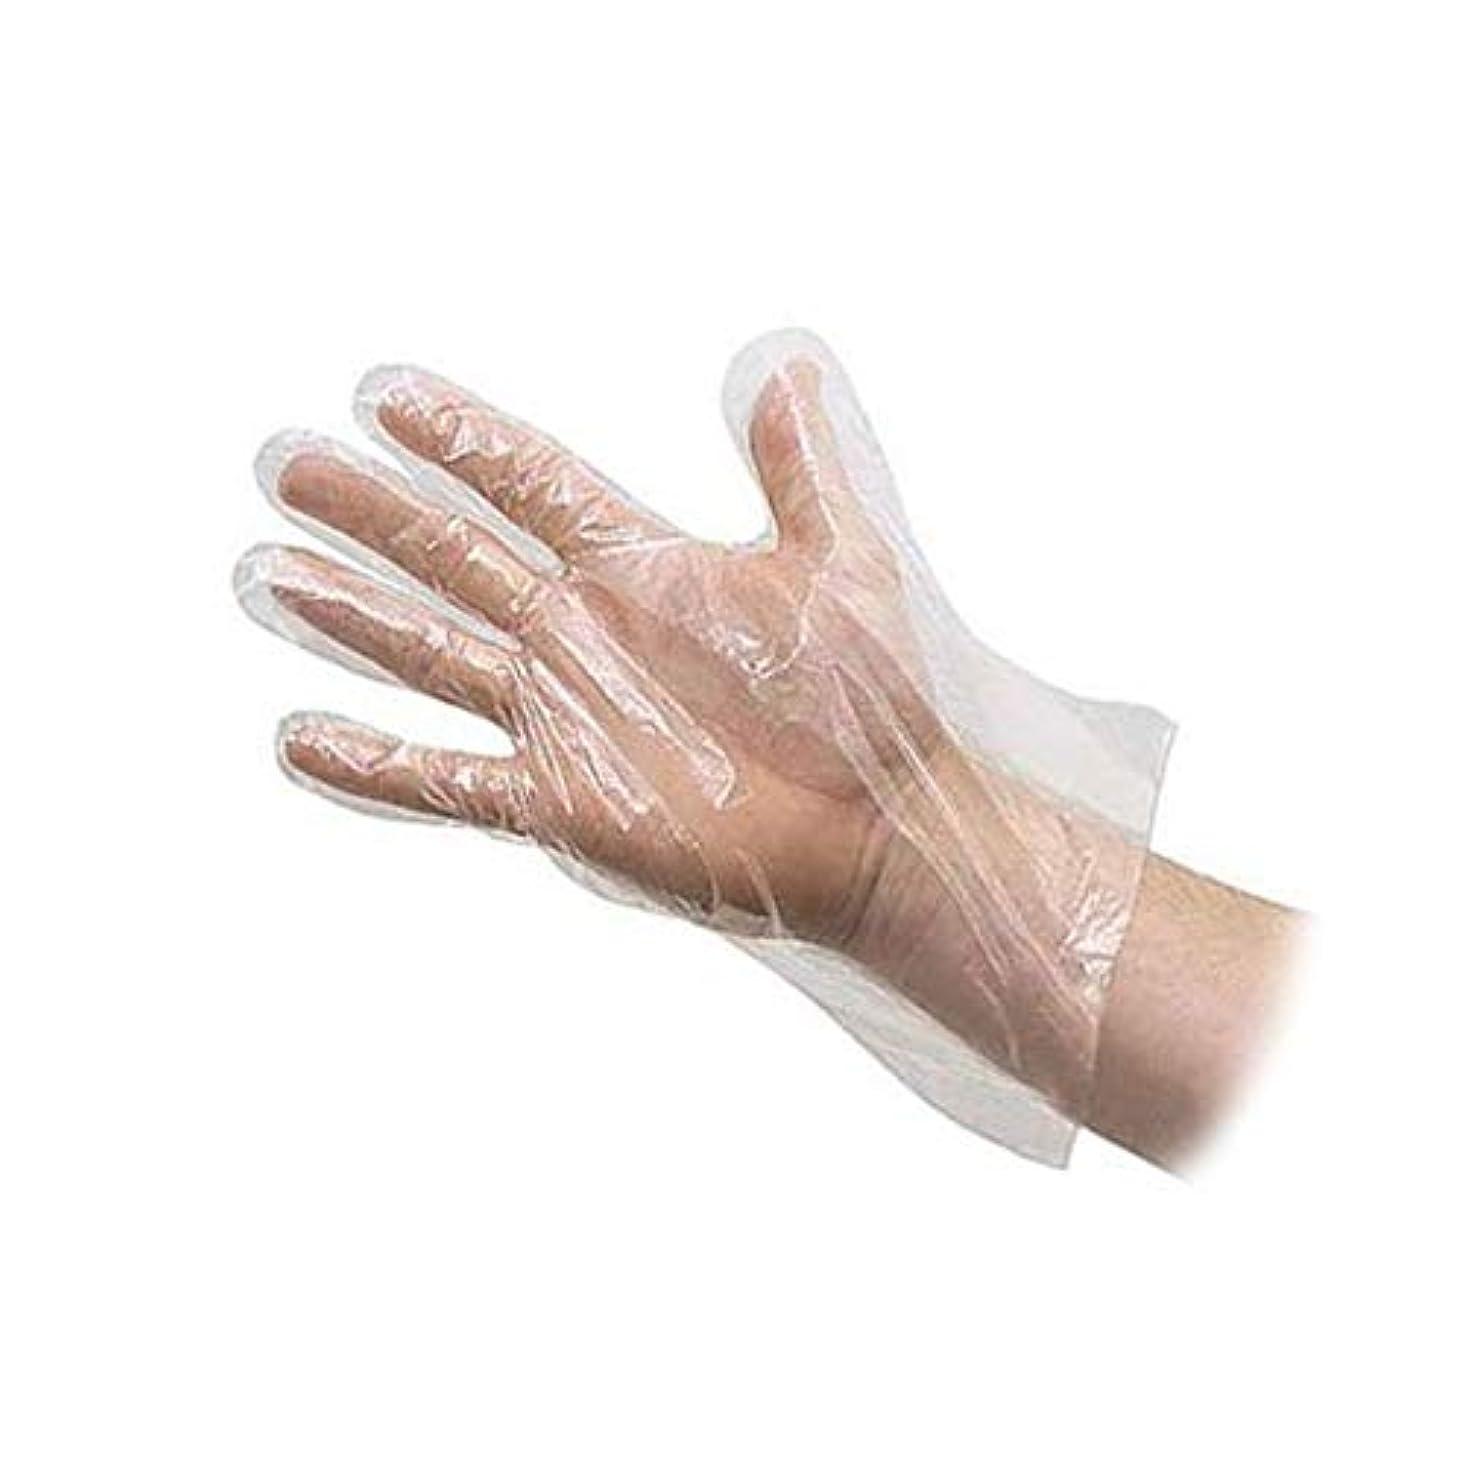 (デマ―クト)De?markt ポリエチレン 手袋 使い捨て手袋 カタエンボス 調理用 食品 プラスチック ホワイト 粉なし 食品衛生 透明 左右兼用 薄型 ビニール極薄手袋 100枚入